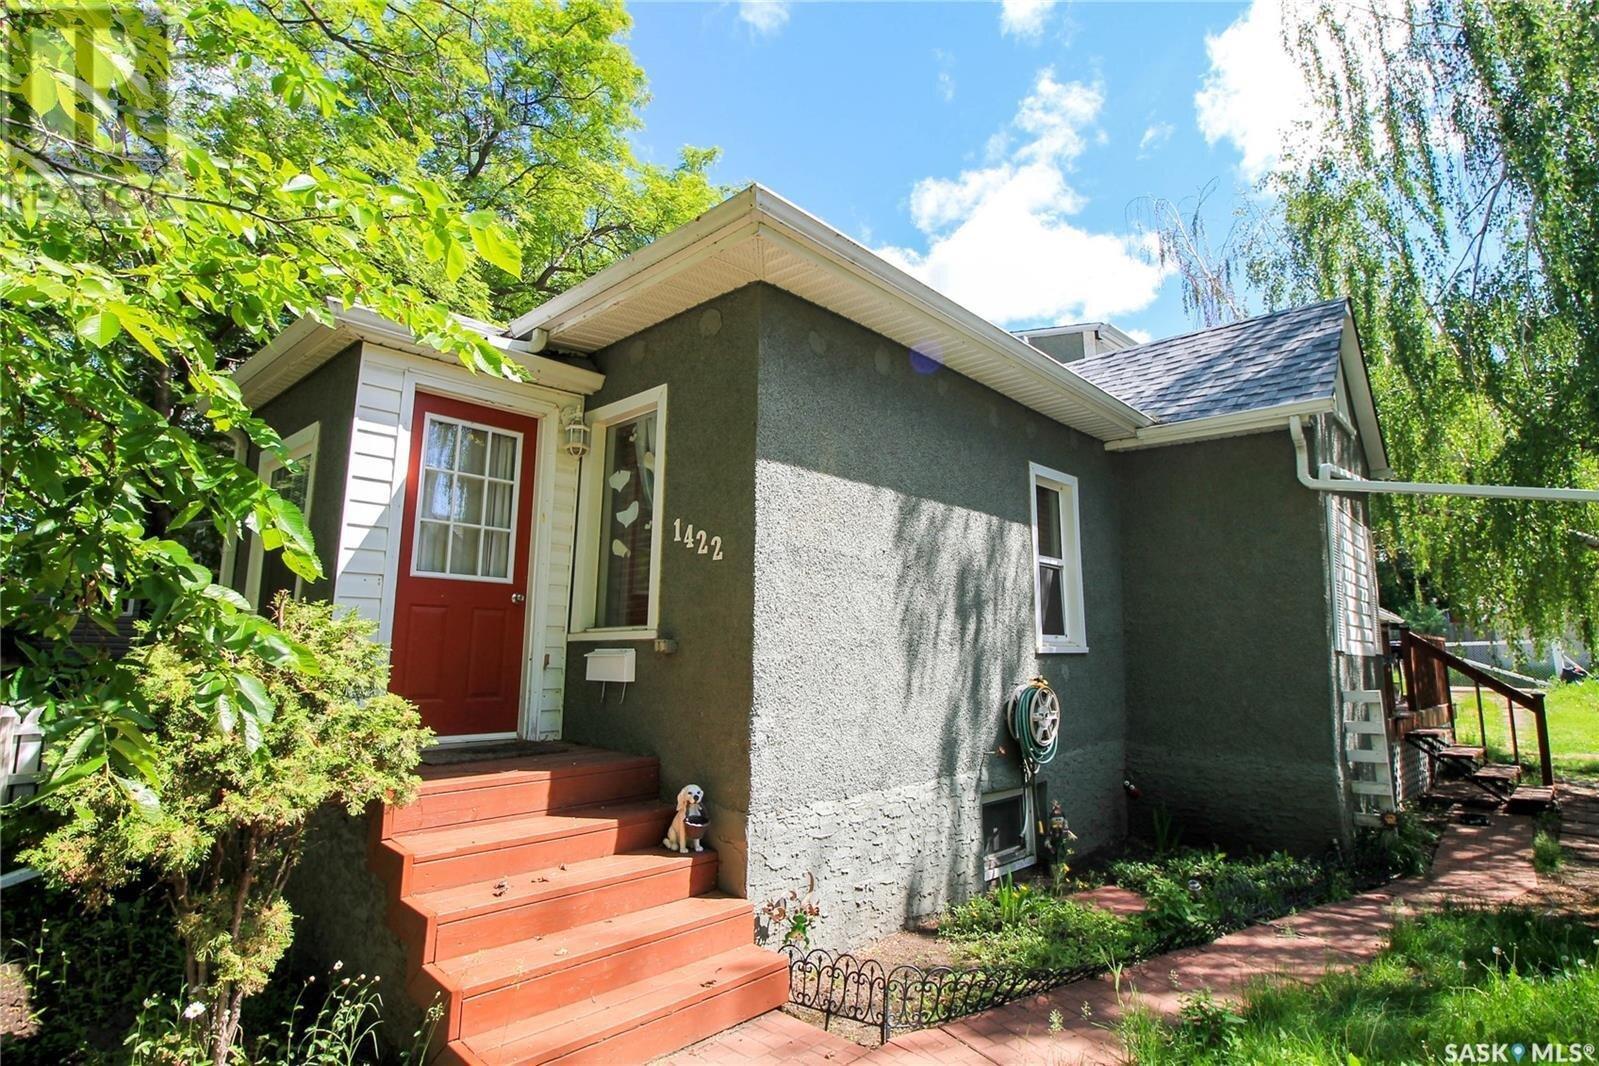 House for sale at 1422 103rd St North Battleford Saskatchewan - MLS: SK833232